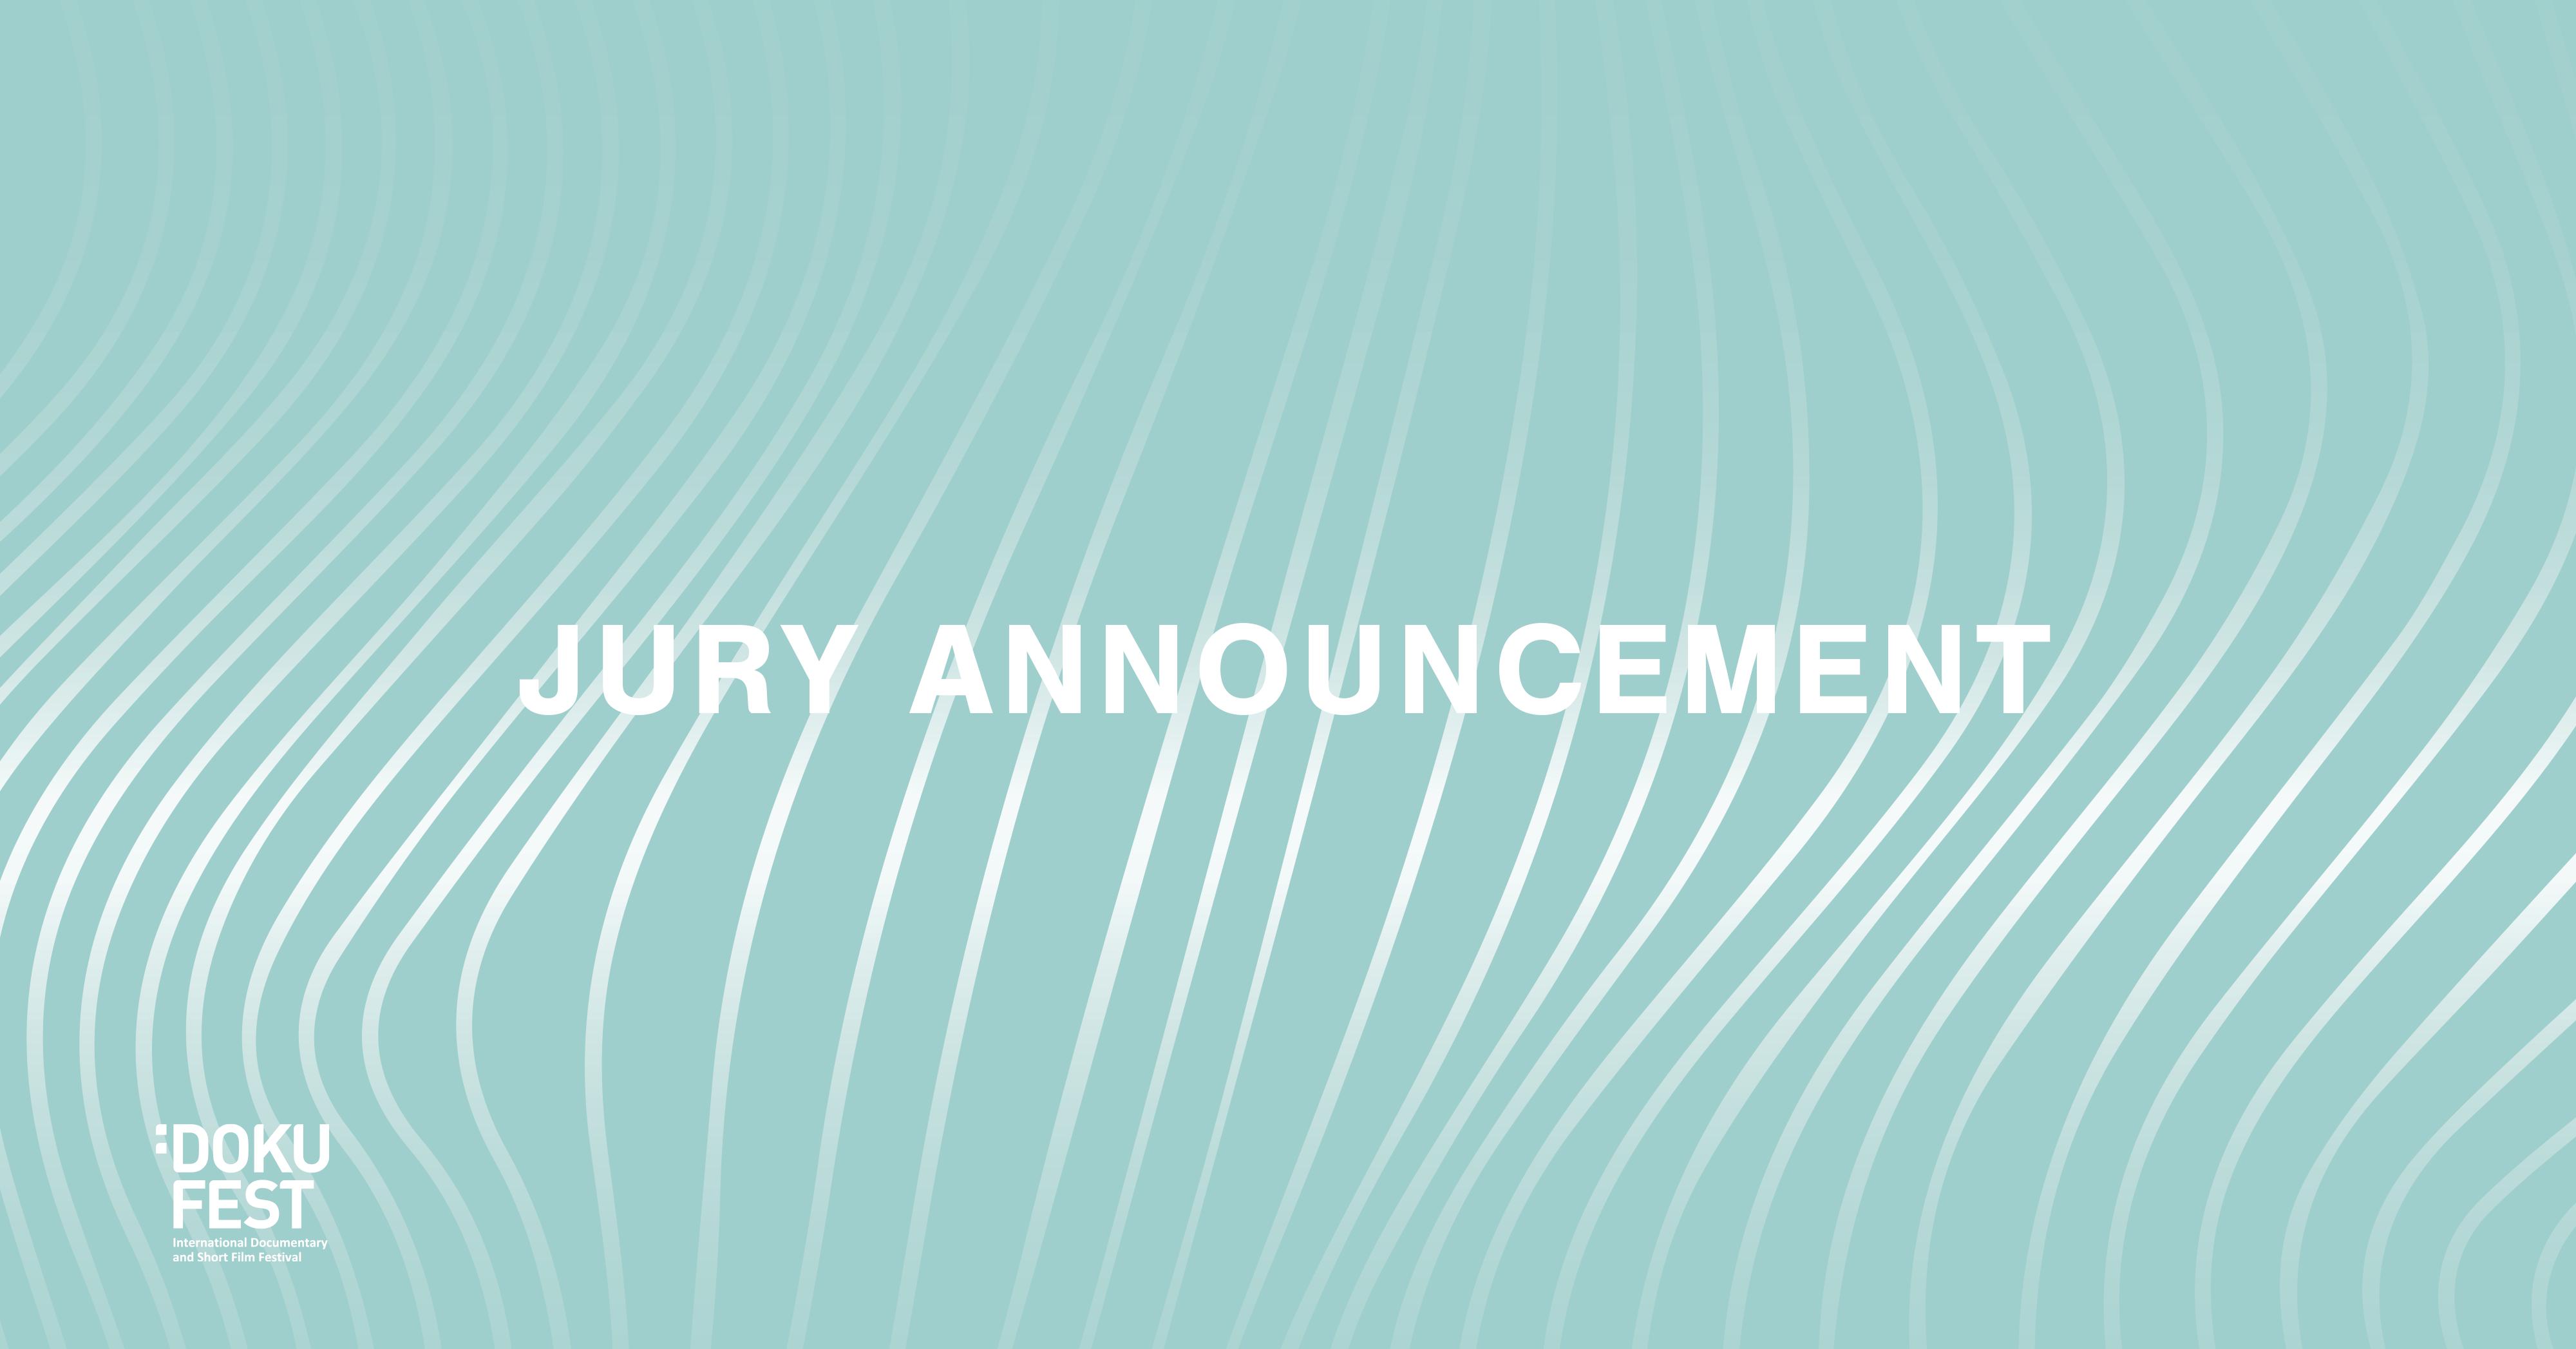 DOKUFEST 2020 JURY ANNOUNCED!